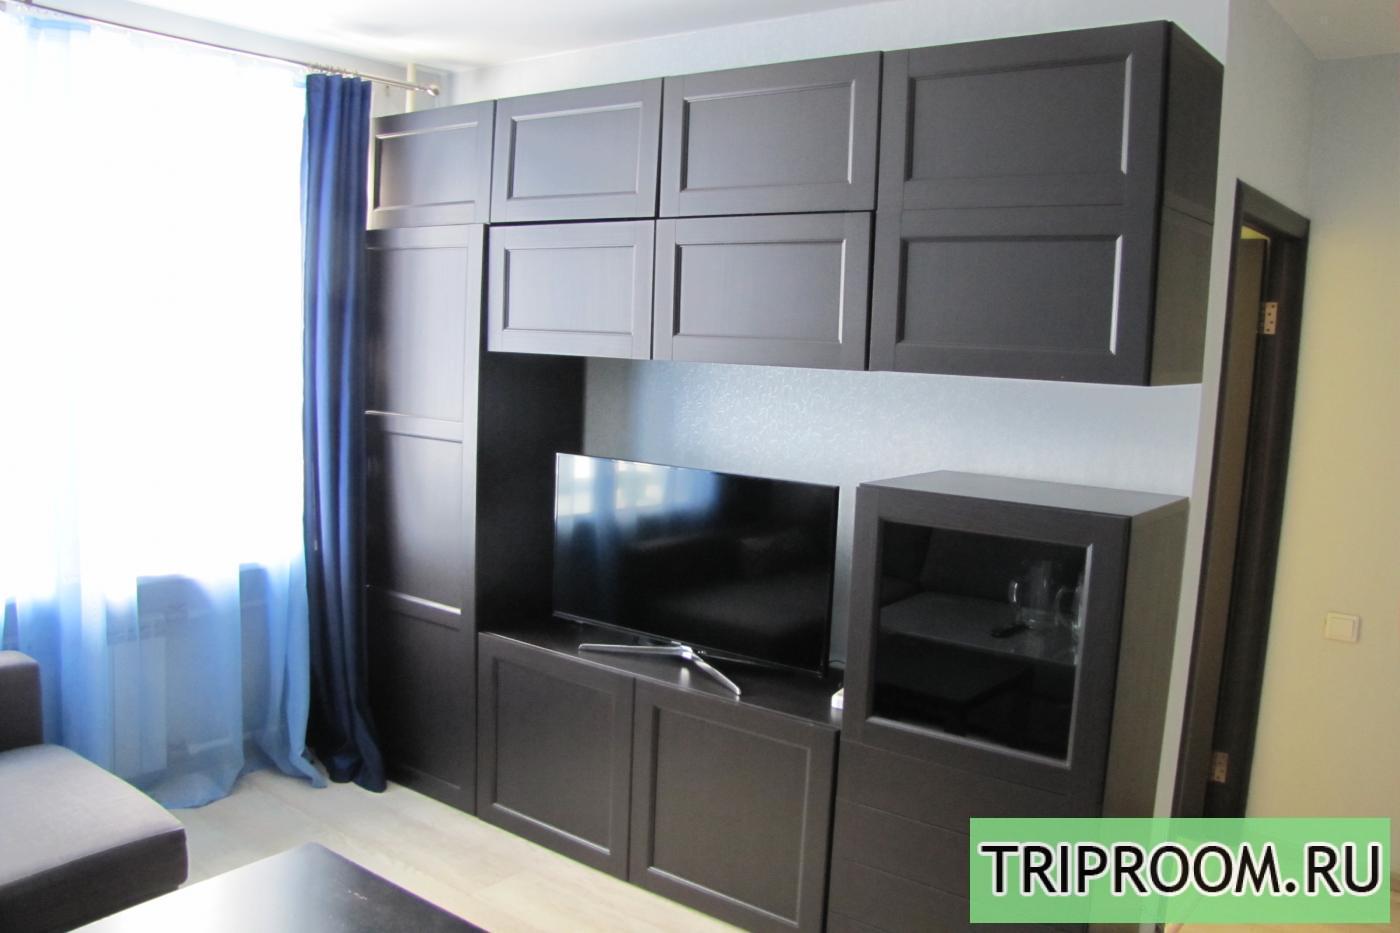 1-комнатная квартира посуточно (вариант № 2281), ул. Дзержинского проспект, фото № 3